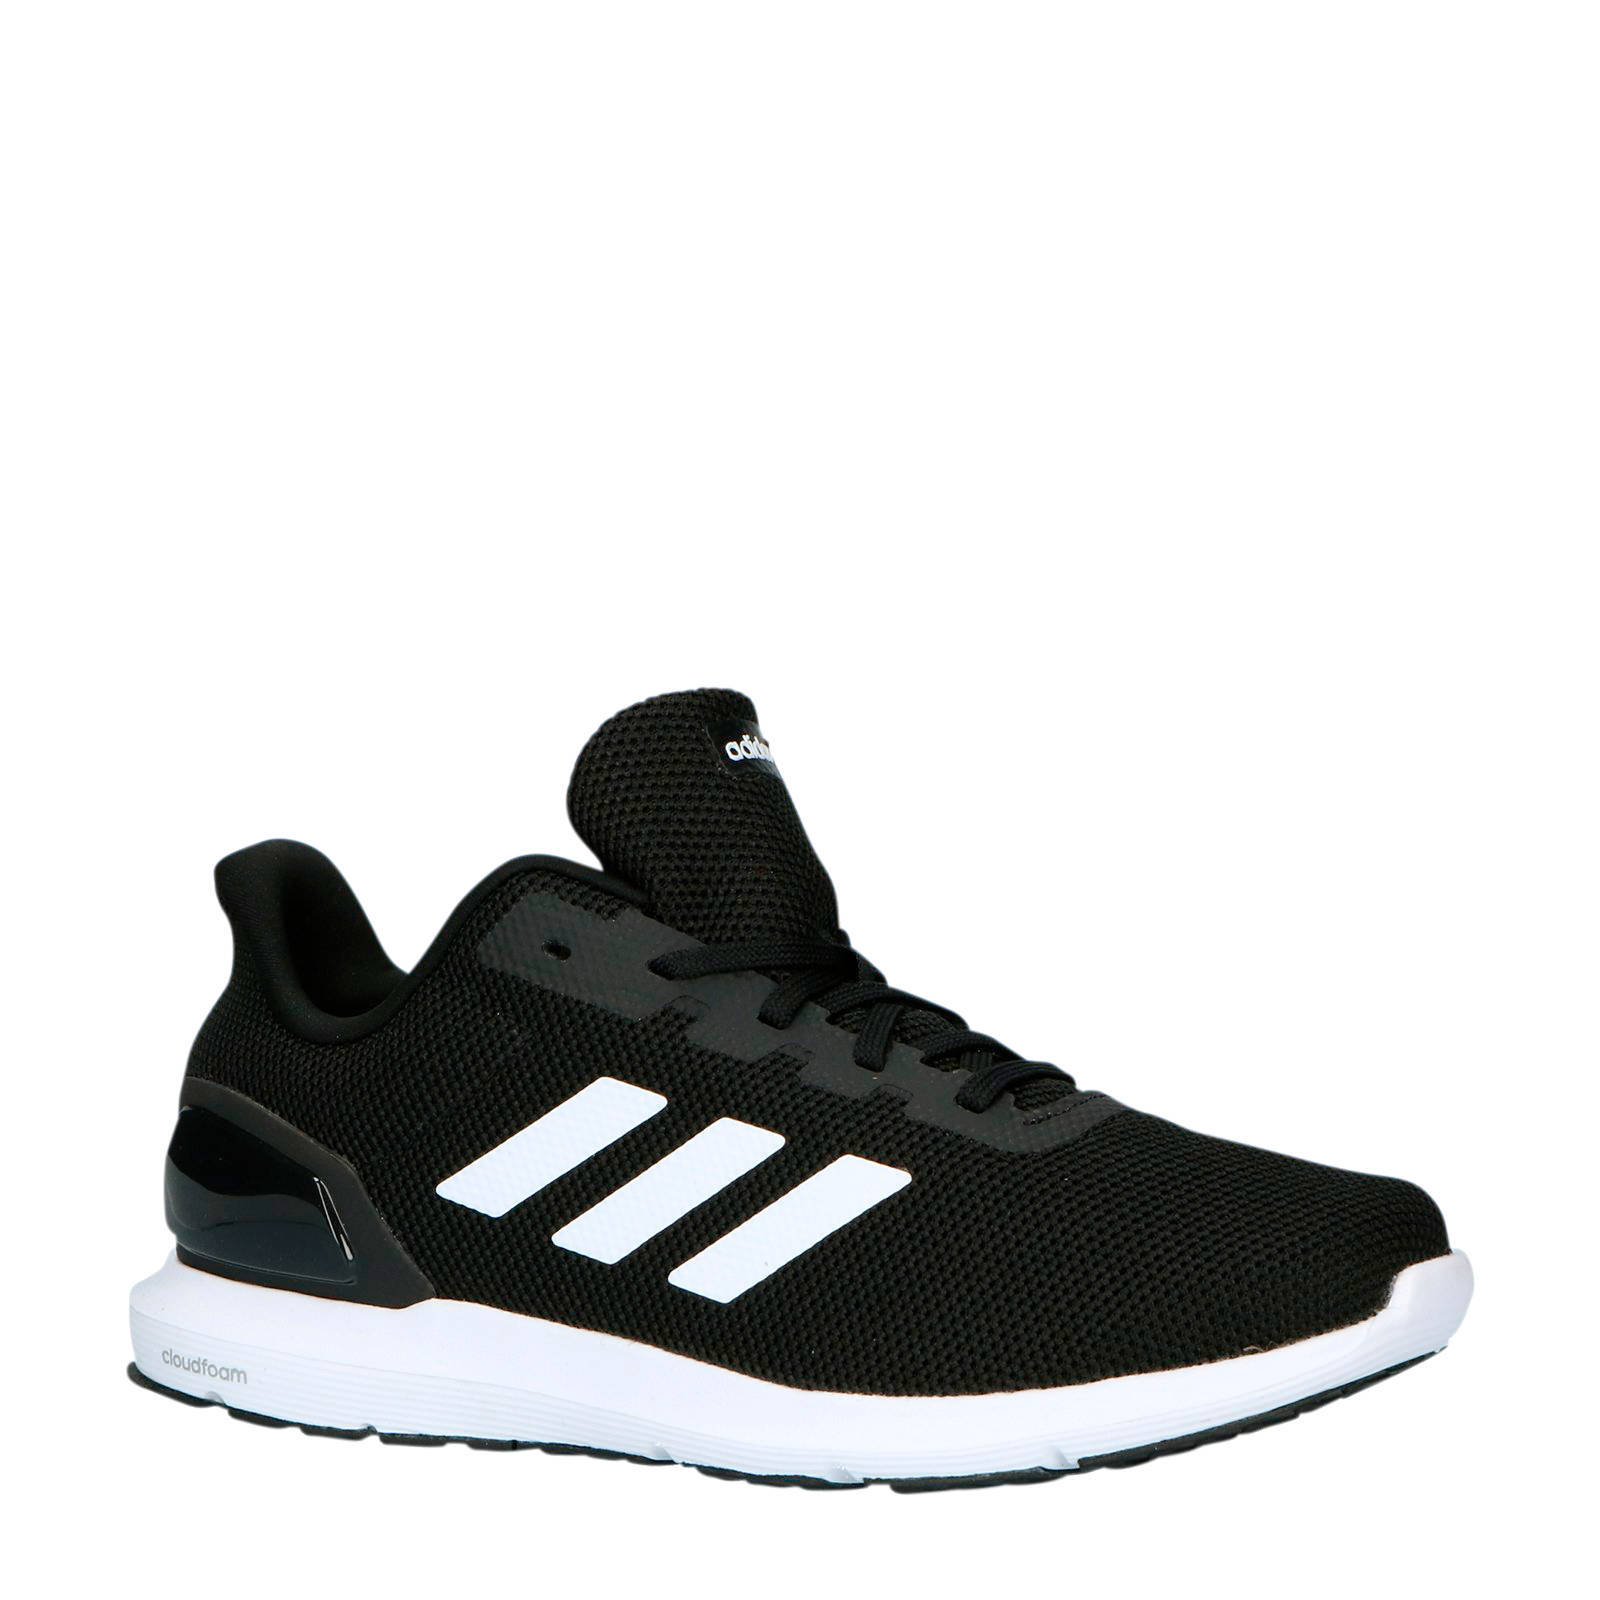 adidas Performance Cosmic 2 hardloopschoenen zwart/wit   wehkamp